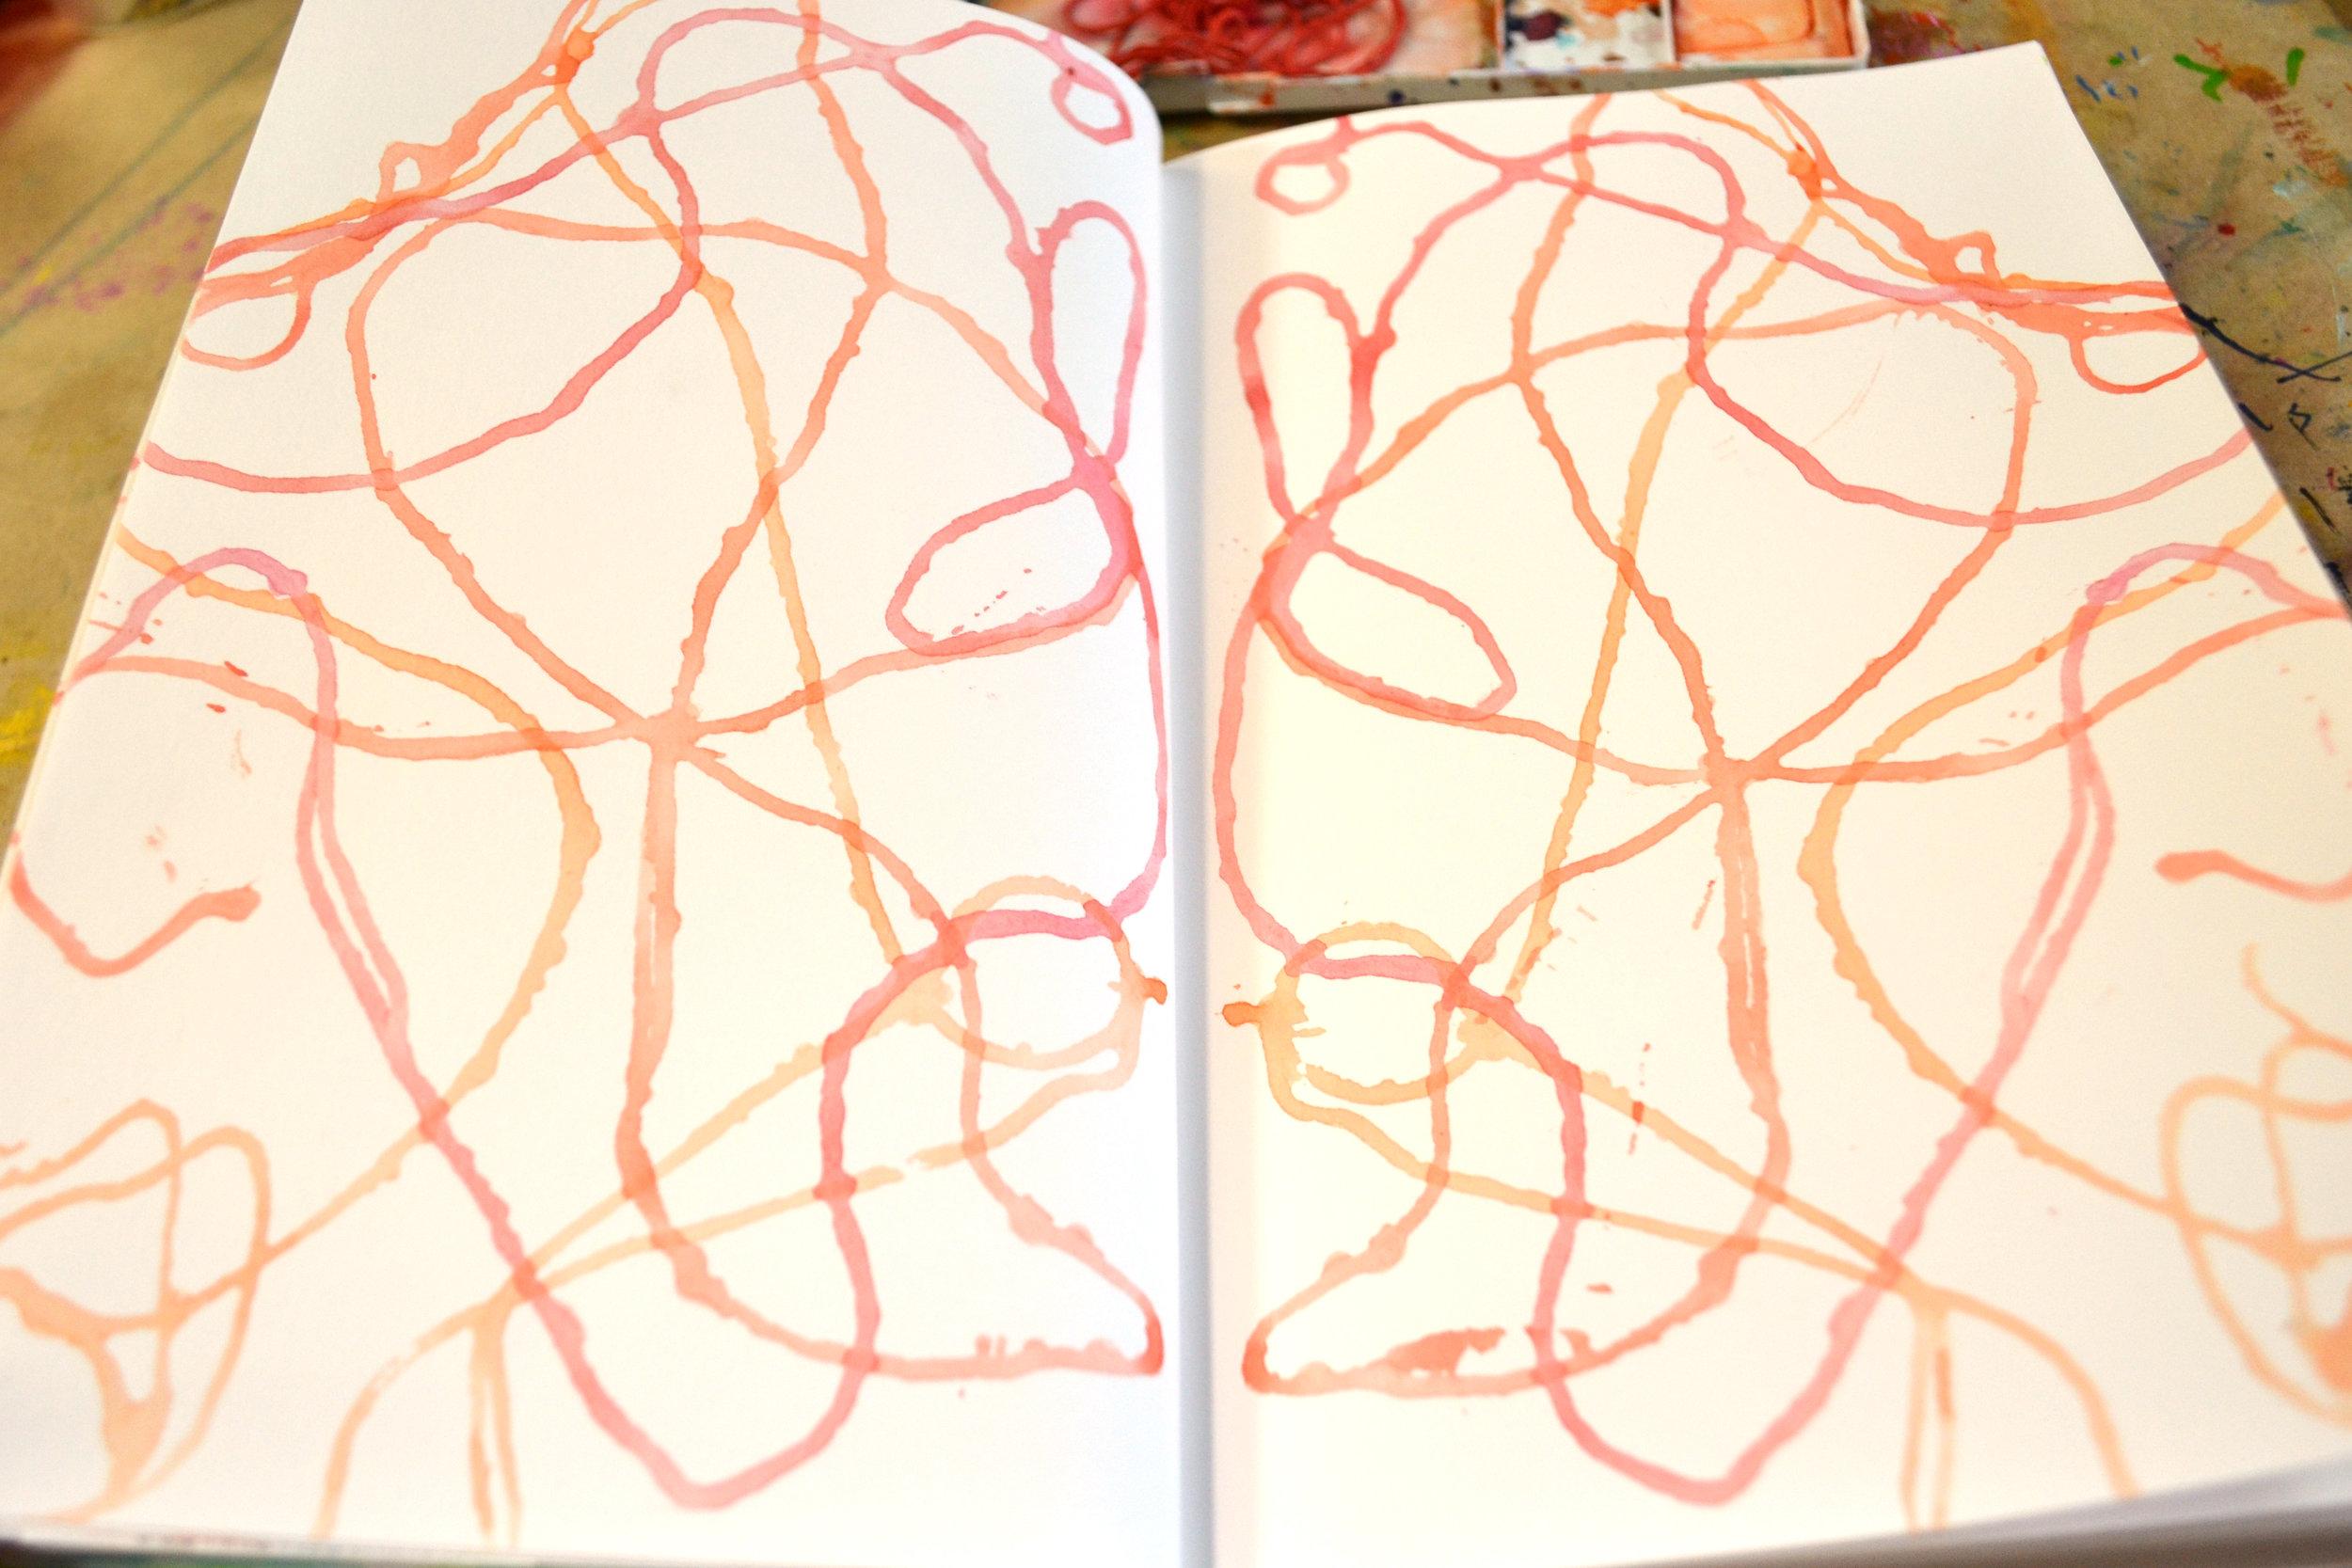 Watercolor: Symmetrical String